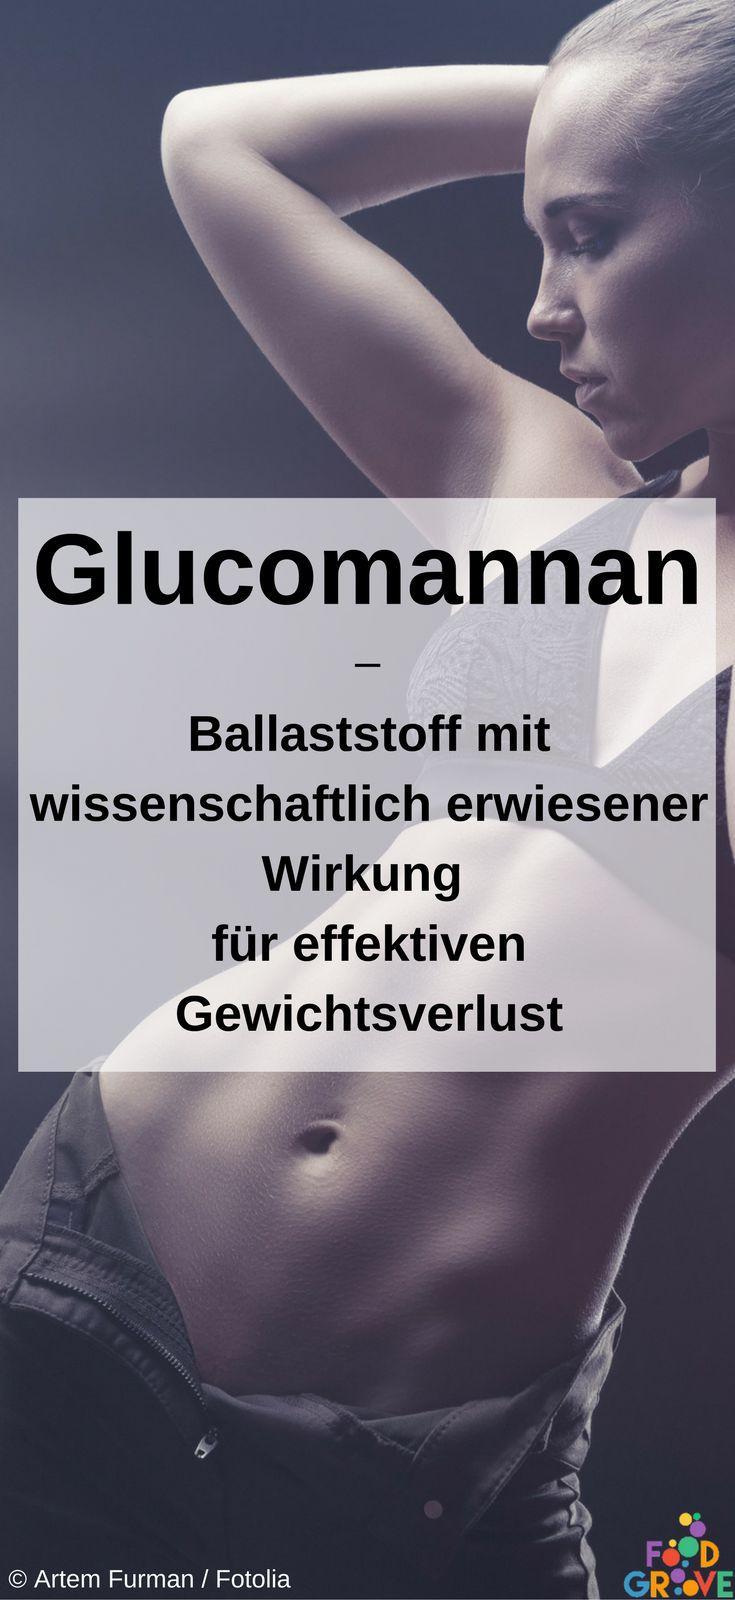 Glucomannan wirkt extrem sättigend und hilft dadurch beim Abnehmen - ohne Nebenwirkungen.